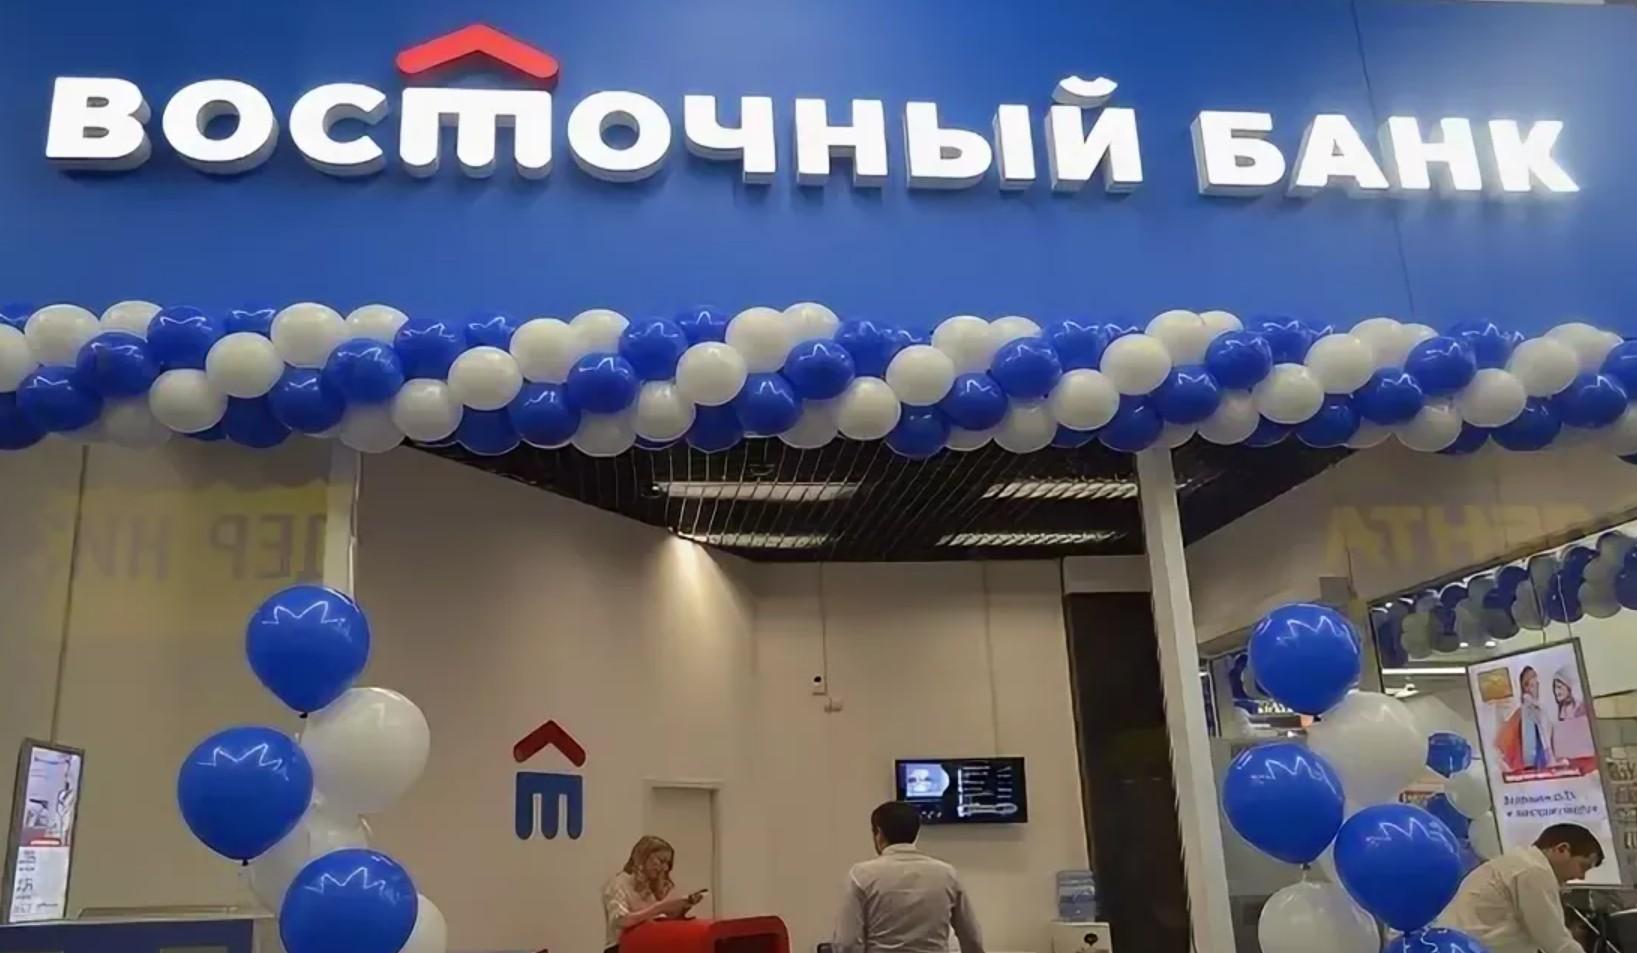 Отделение банка Восточный в Центральном районе Волгограда по проспекту имени В.И. Ленина дом 4